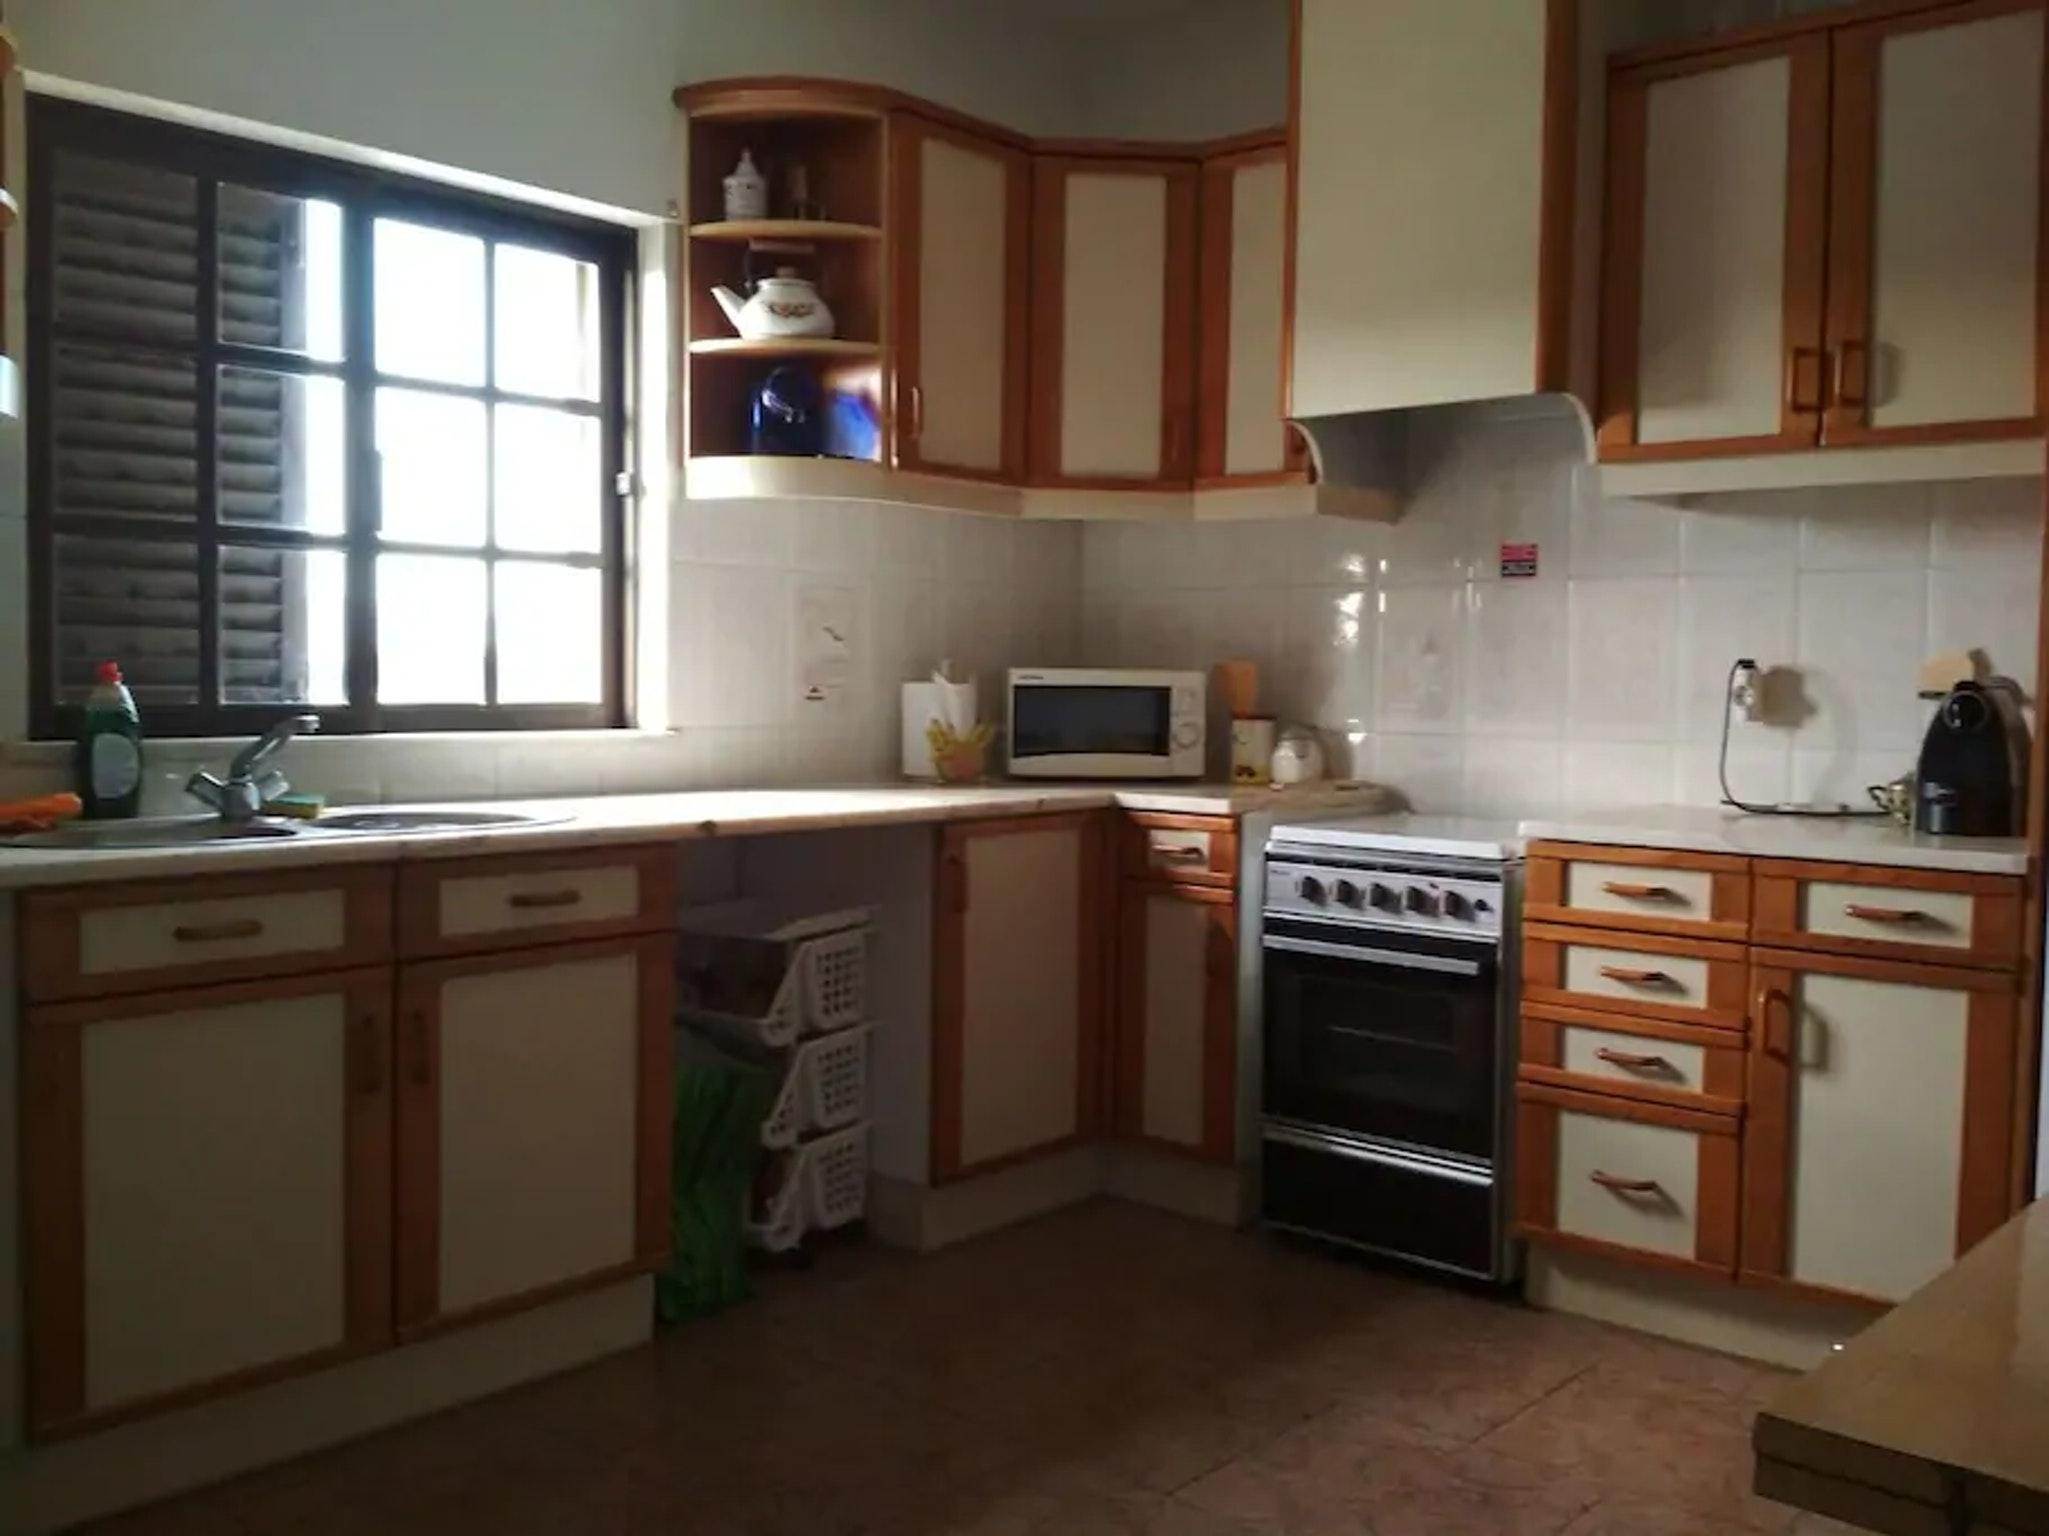 Ferienwohnung Wohnung mit 2 Schlafzimmern in Parchal mit Pool, Balkon und W-LAN - 1 km vom Strand entfer (2622202), Parchal, , Algarve, Portugal, Bild 3